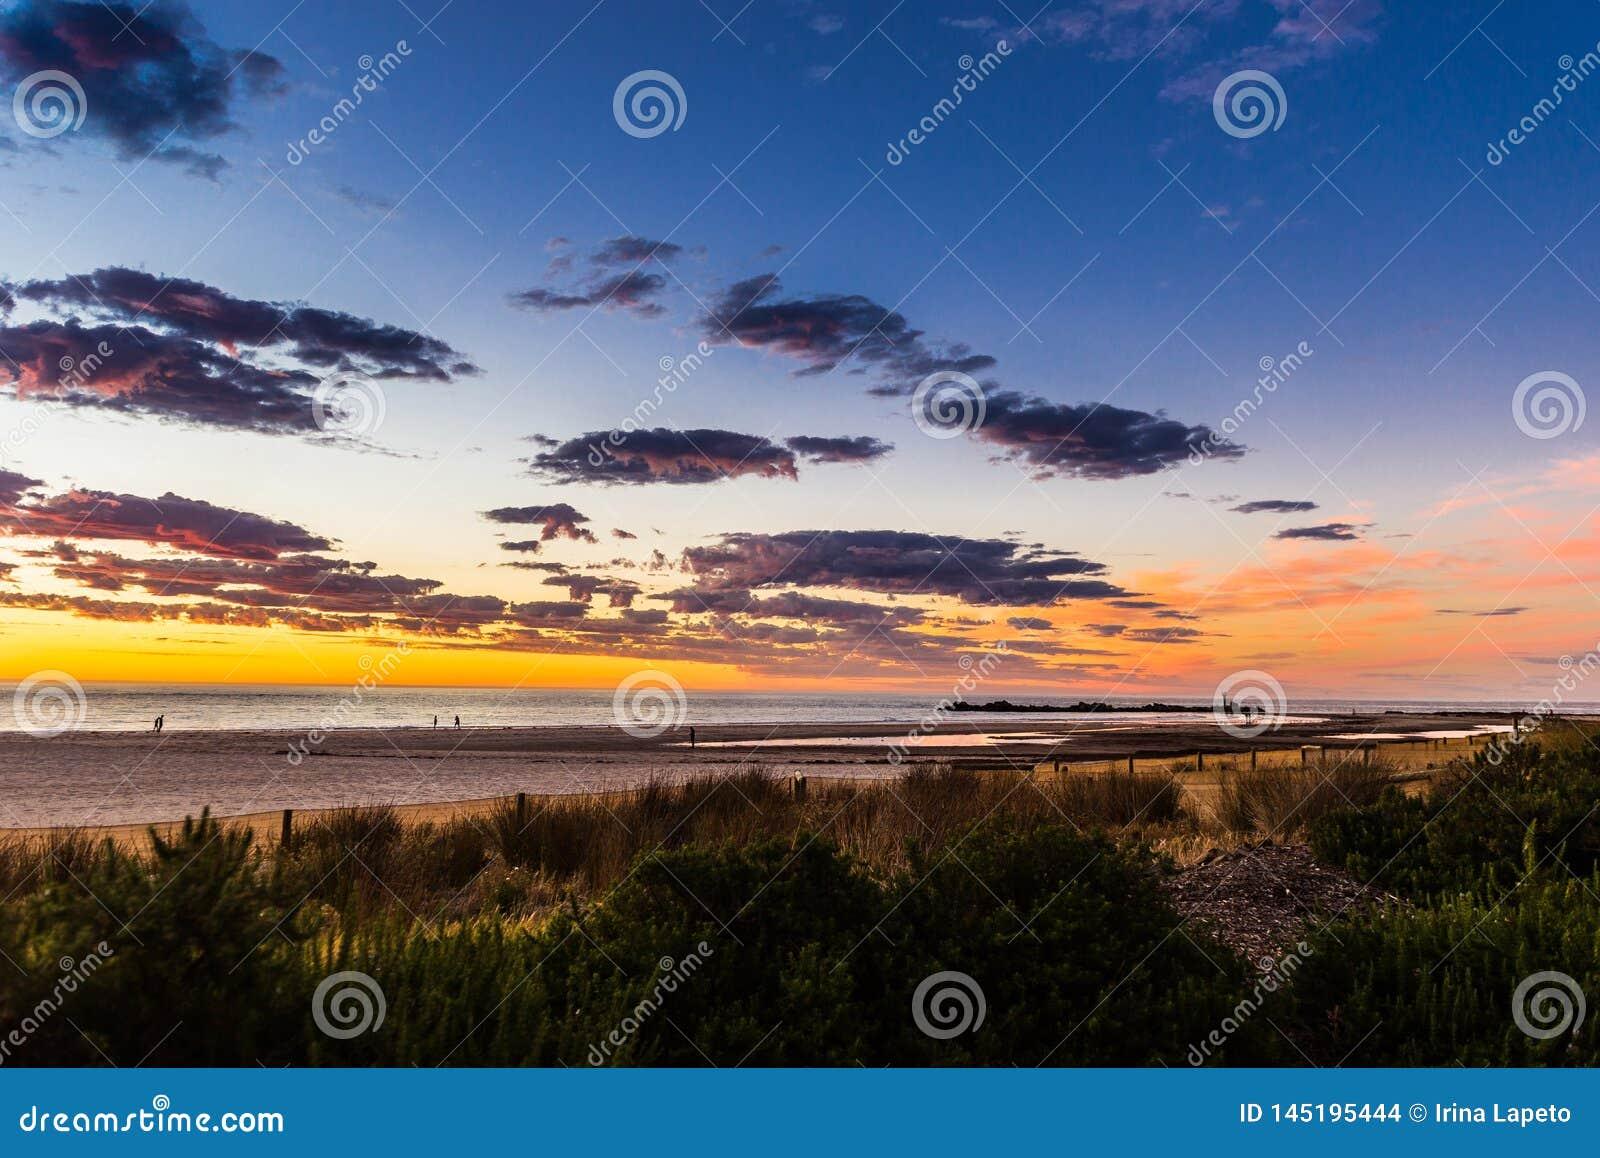 在Glenelg海滩,阿德莱德,澳大利亚的壮丽落日海景